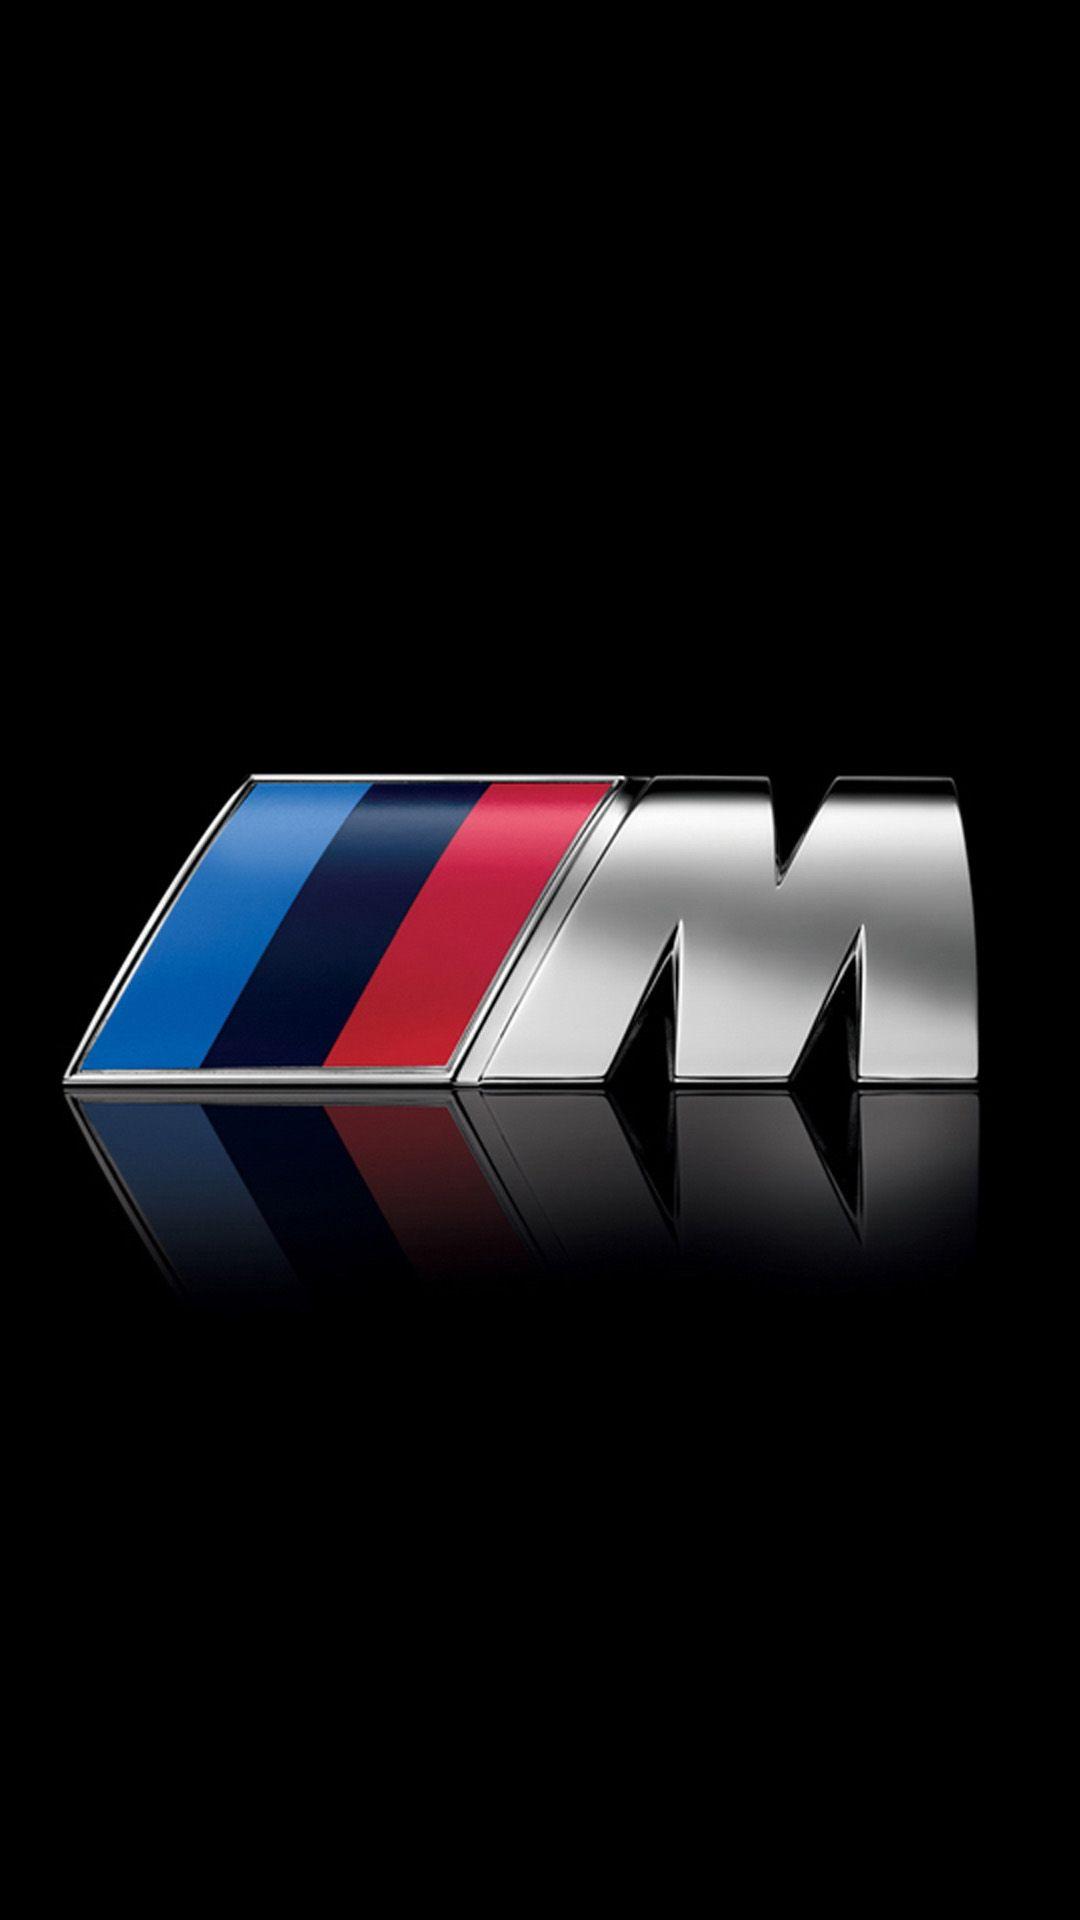 Bmw M Logo Iphone11 スマホ壁紙 待受画像ギャラリー Bmw ロゴ 車の壁紙 車 ロゴ